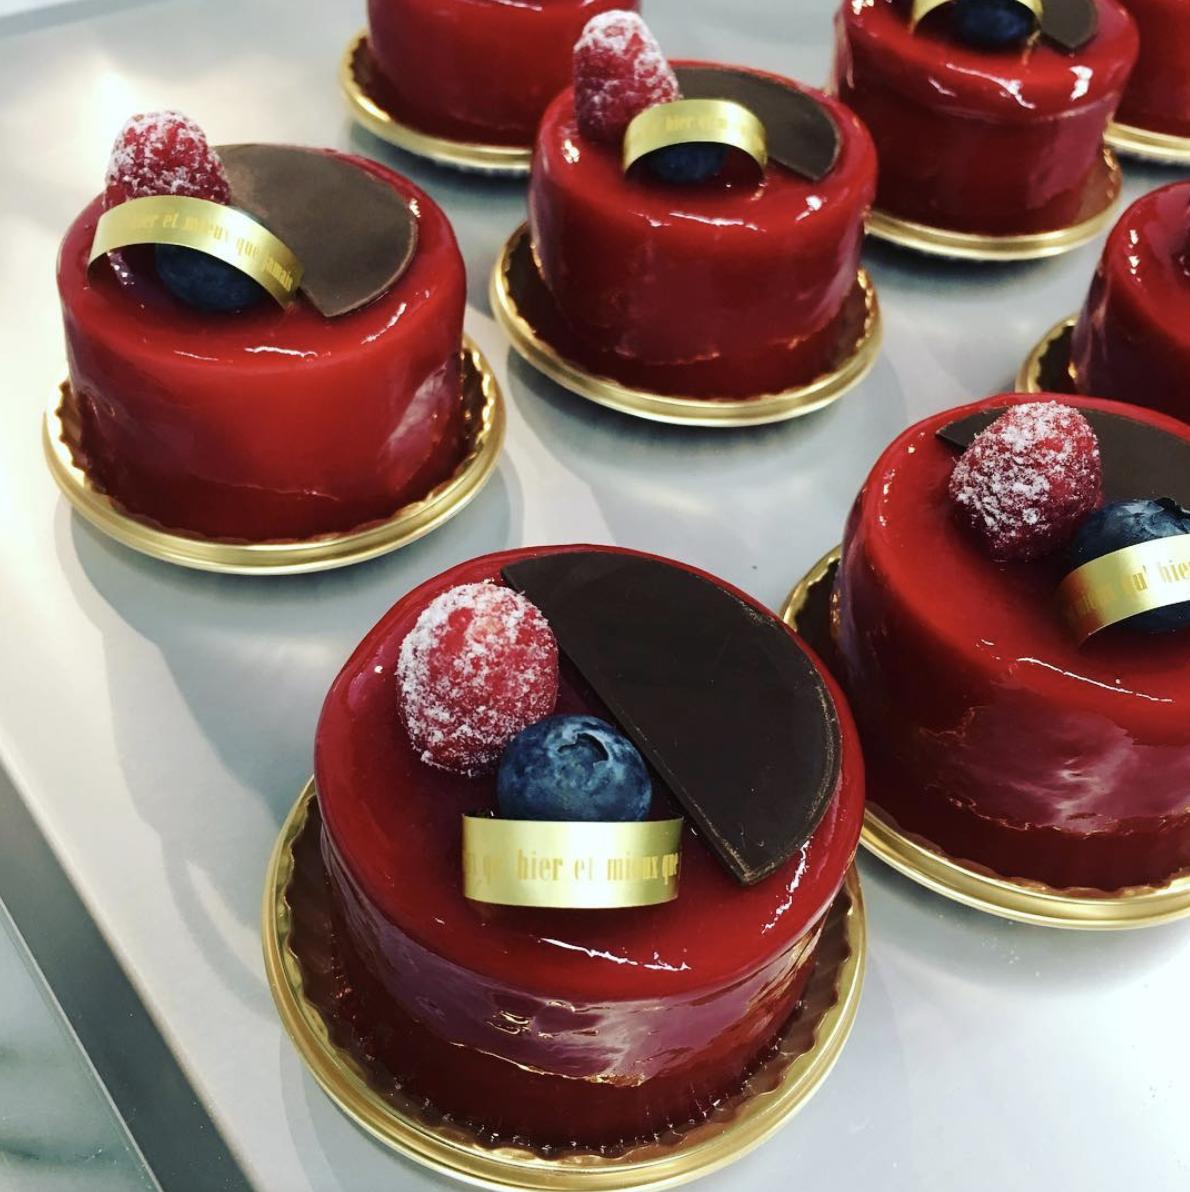 色鮮やかな見た目やフランス伝統の味が魅力!春日井市にあるフランス菓子店「セ ミユ キエール エ ミユ ク ジャメ」 - cd0e98ce7ad6db7aa06ecf954589b07a